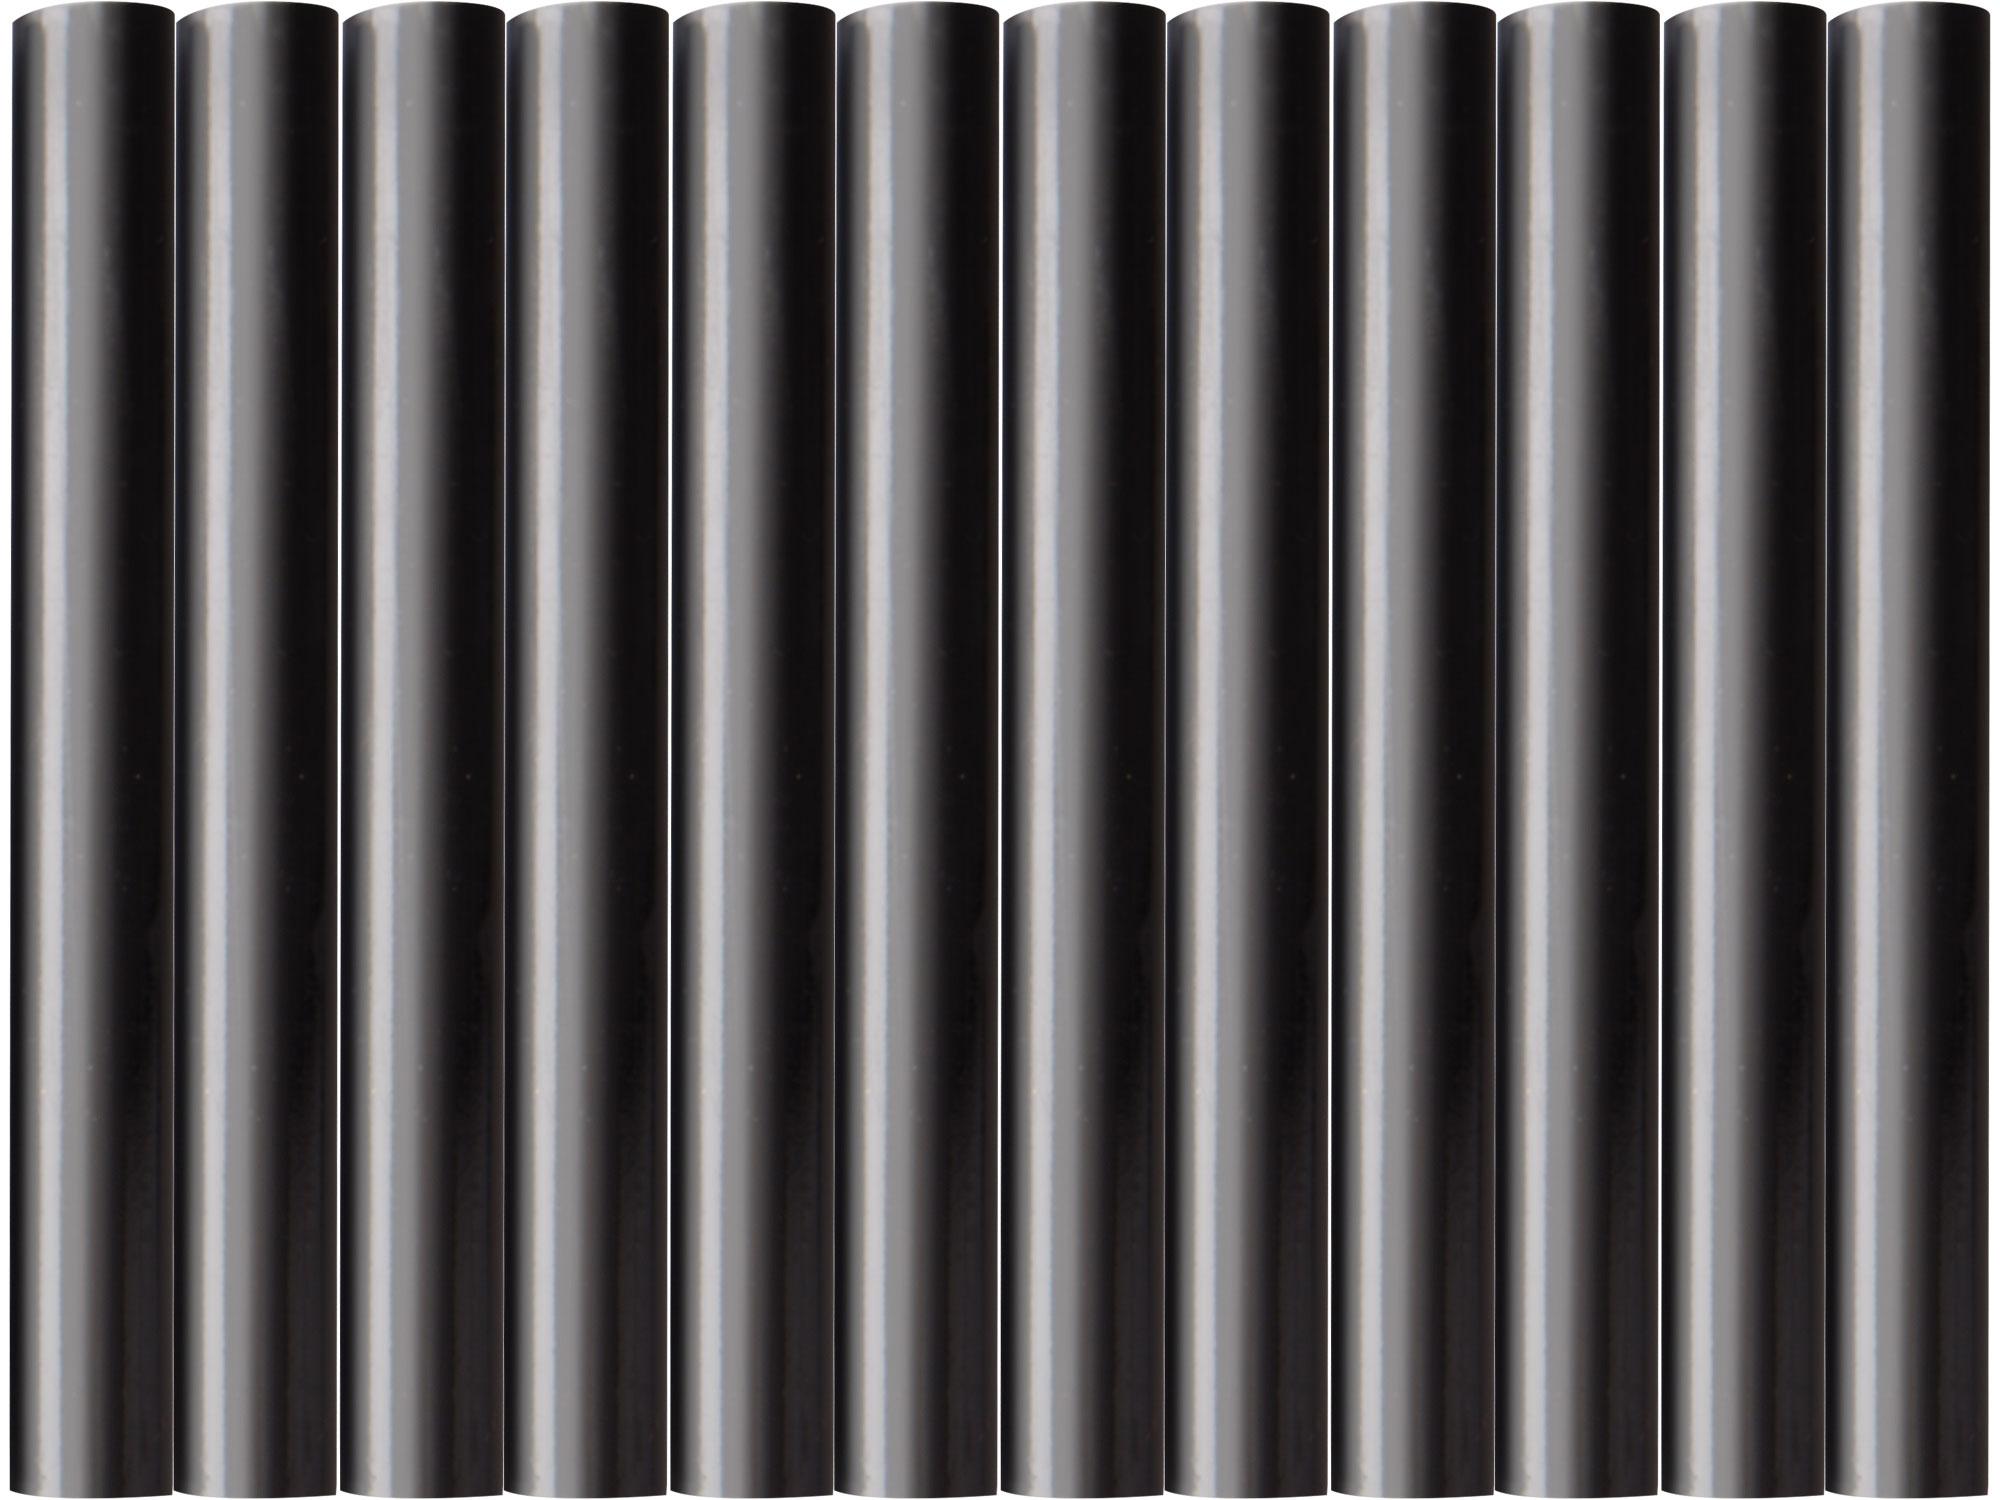 tyčinky tavné, černá barva, pr.11x100mm, 12ks